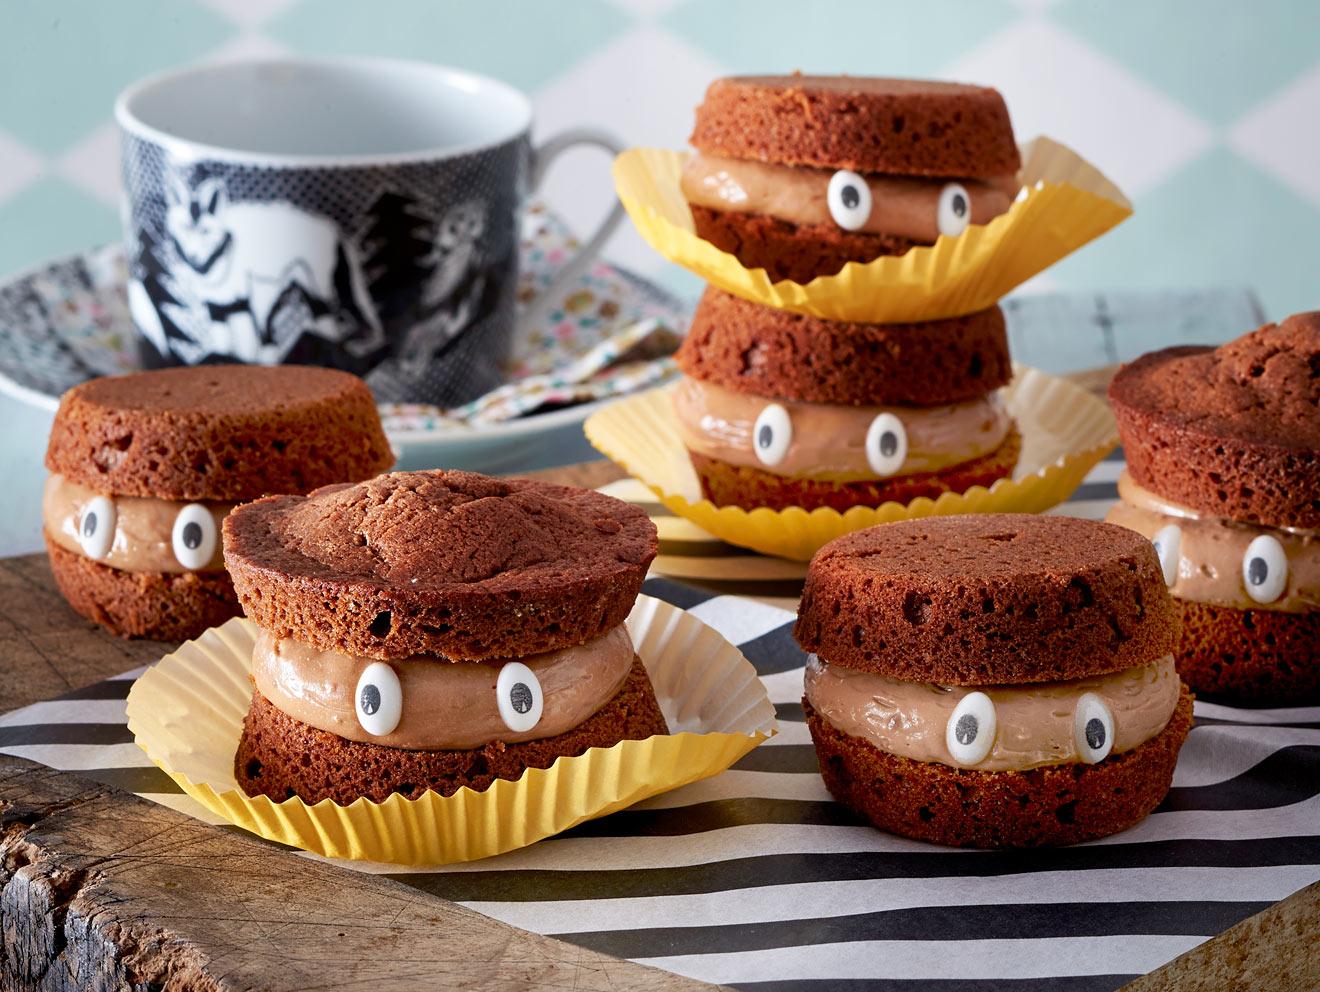 Lustige Muffins - Rezepte Für Kleine Kuchen Mit Spaßfaktor bei Muffin Rezept Kindergeburtstag Einfach